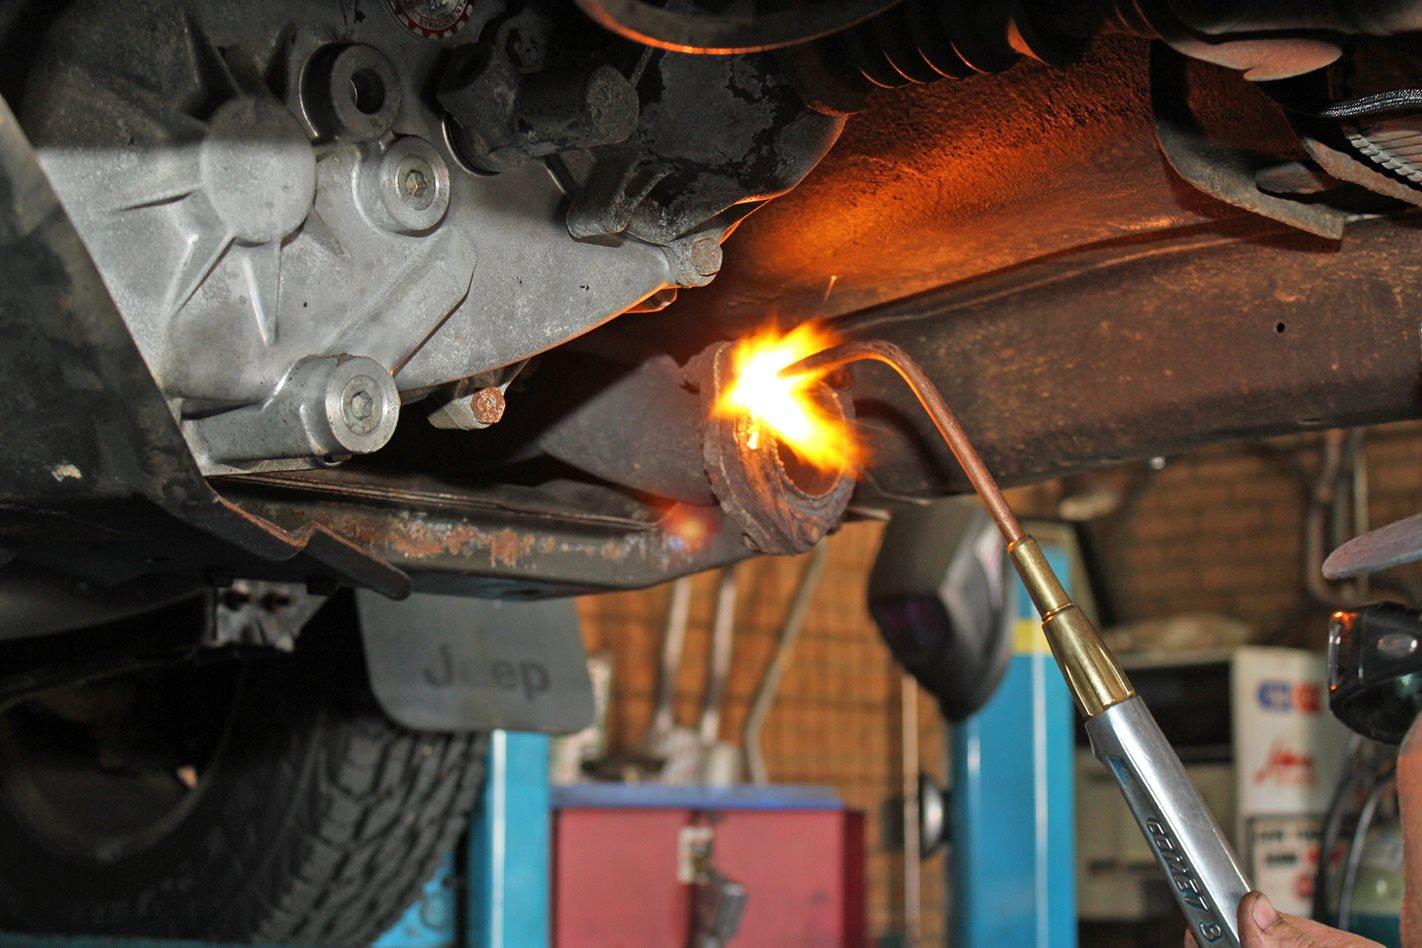 weld exhaust area